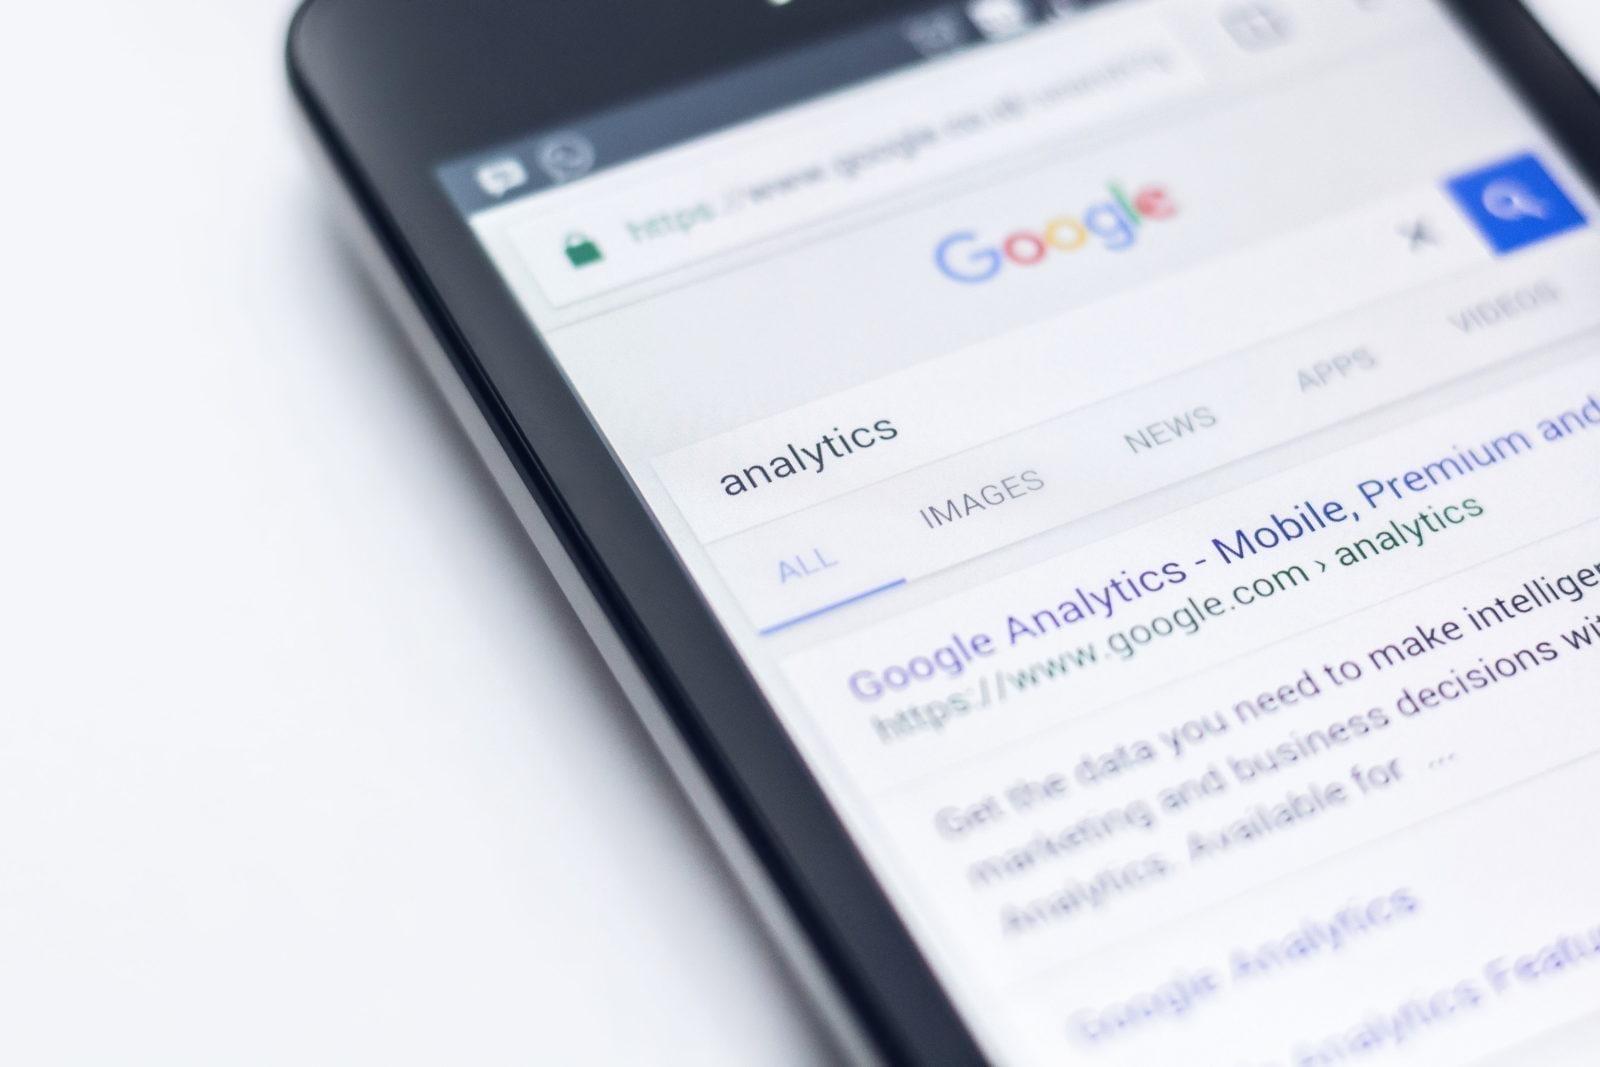 Nachforschungen zum Erstellen einer E-Mail-Liste mithilfe von Analysen